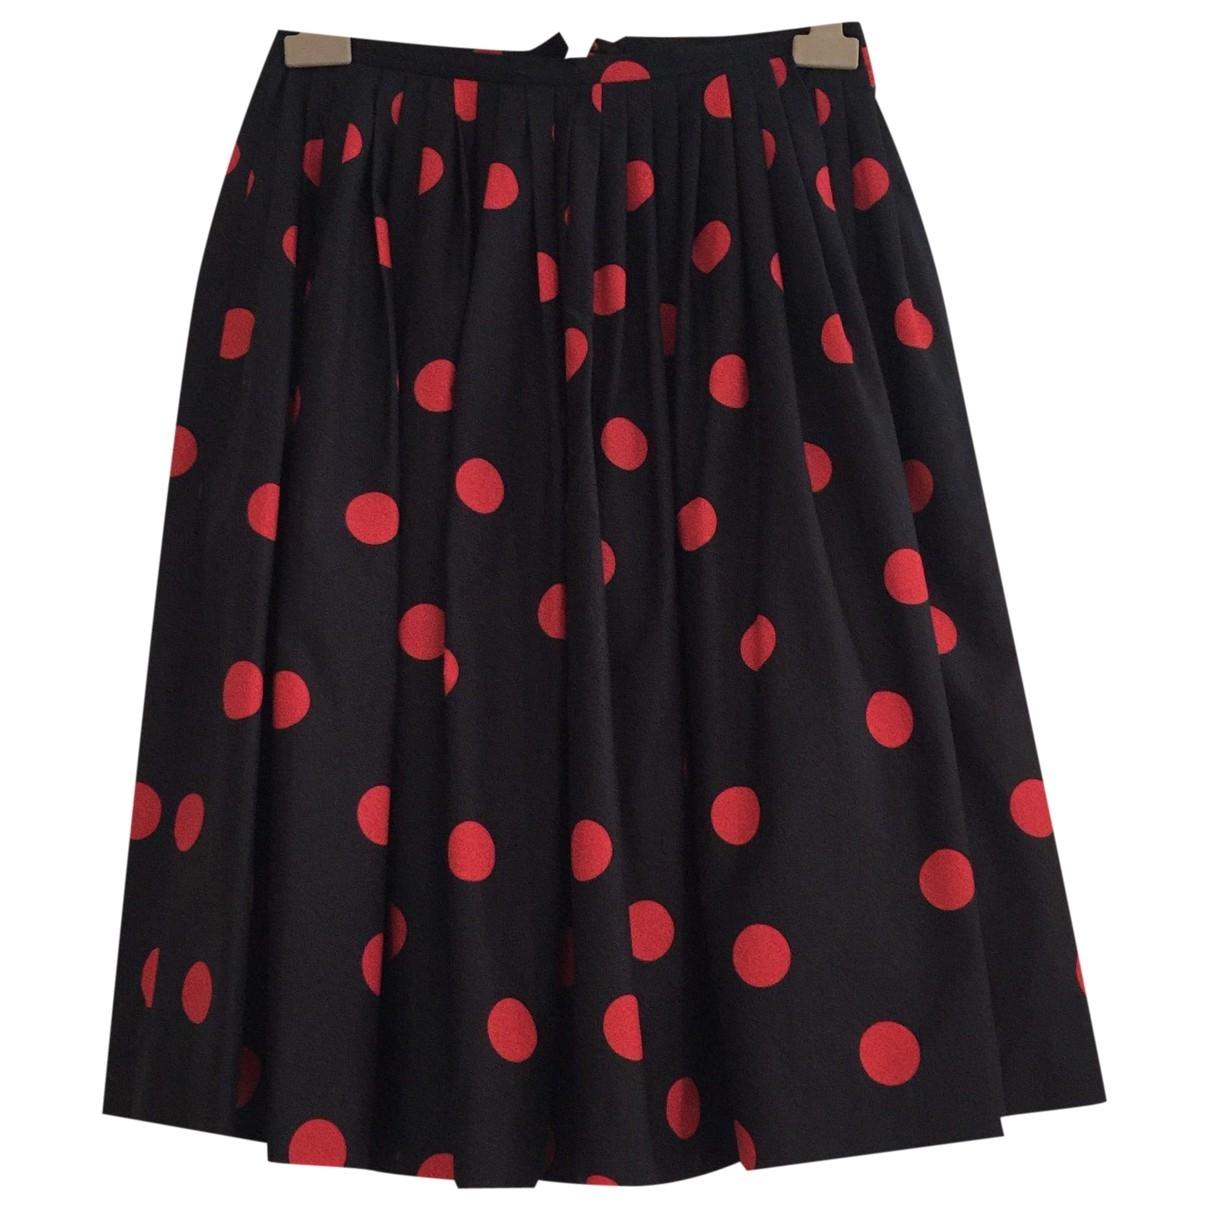 Michael Kors \N Black Cotton skirt for Women 2 US